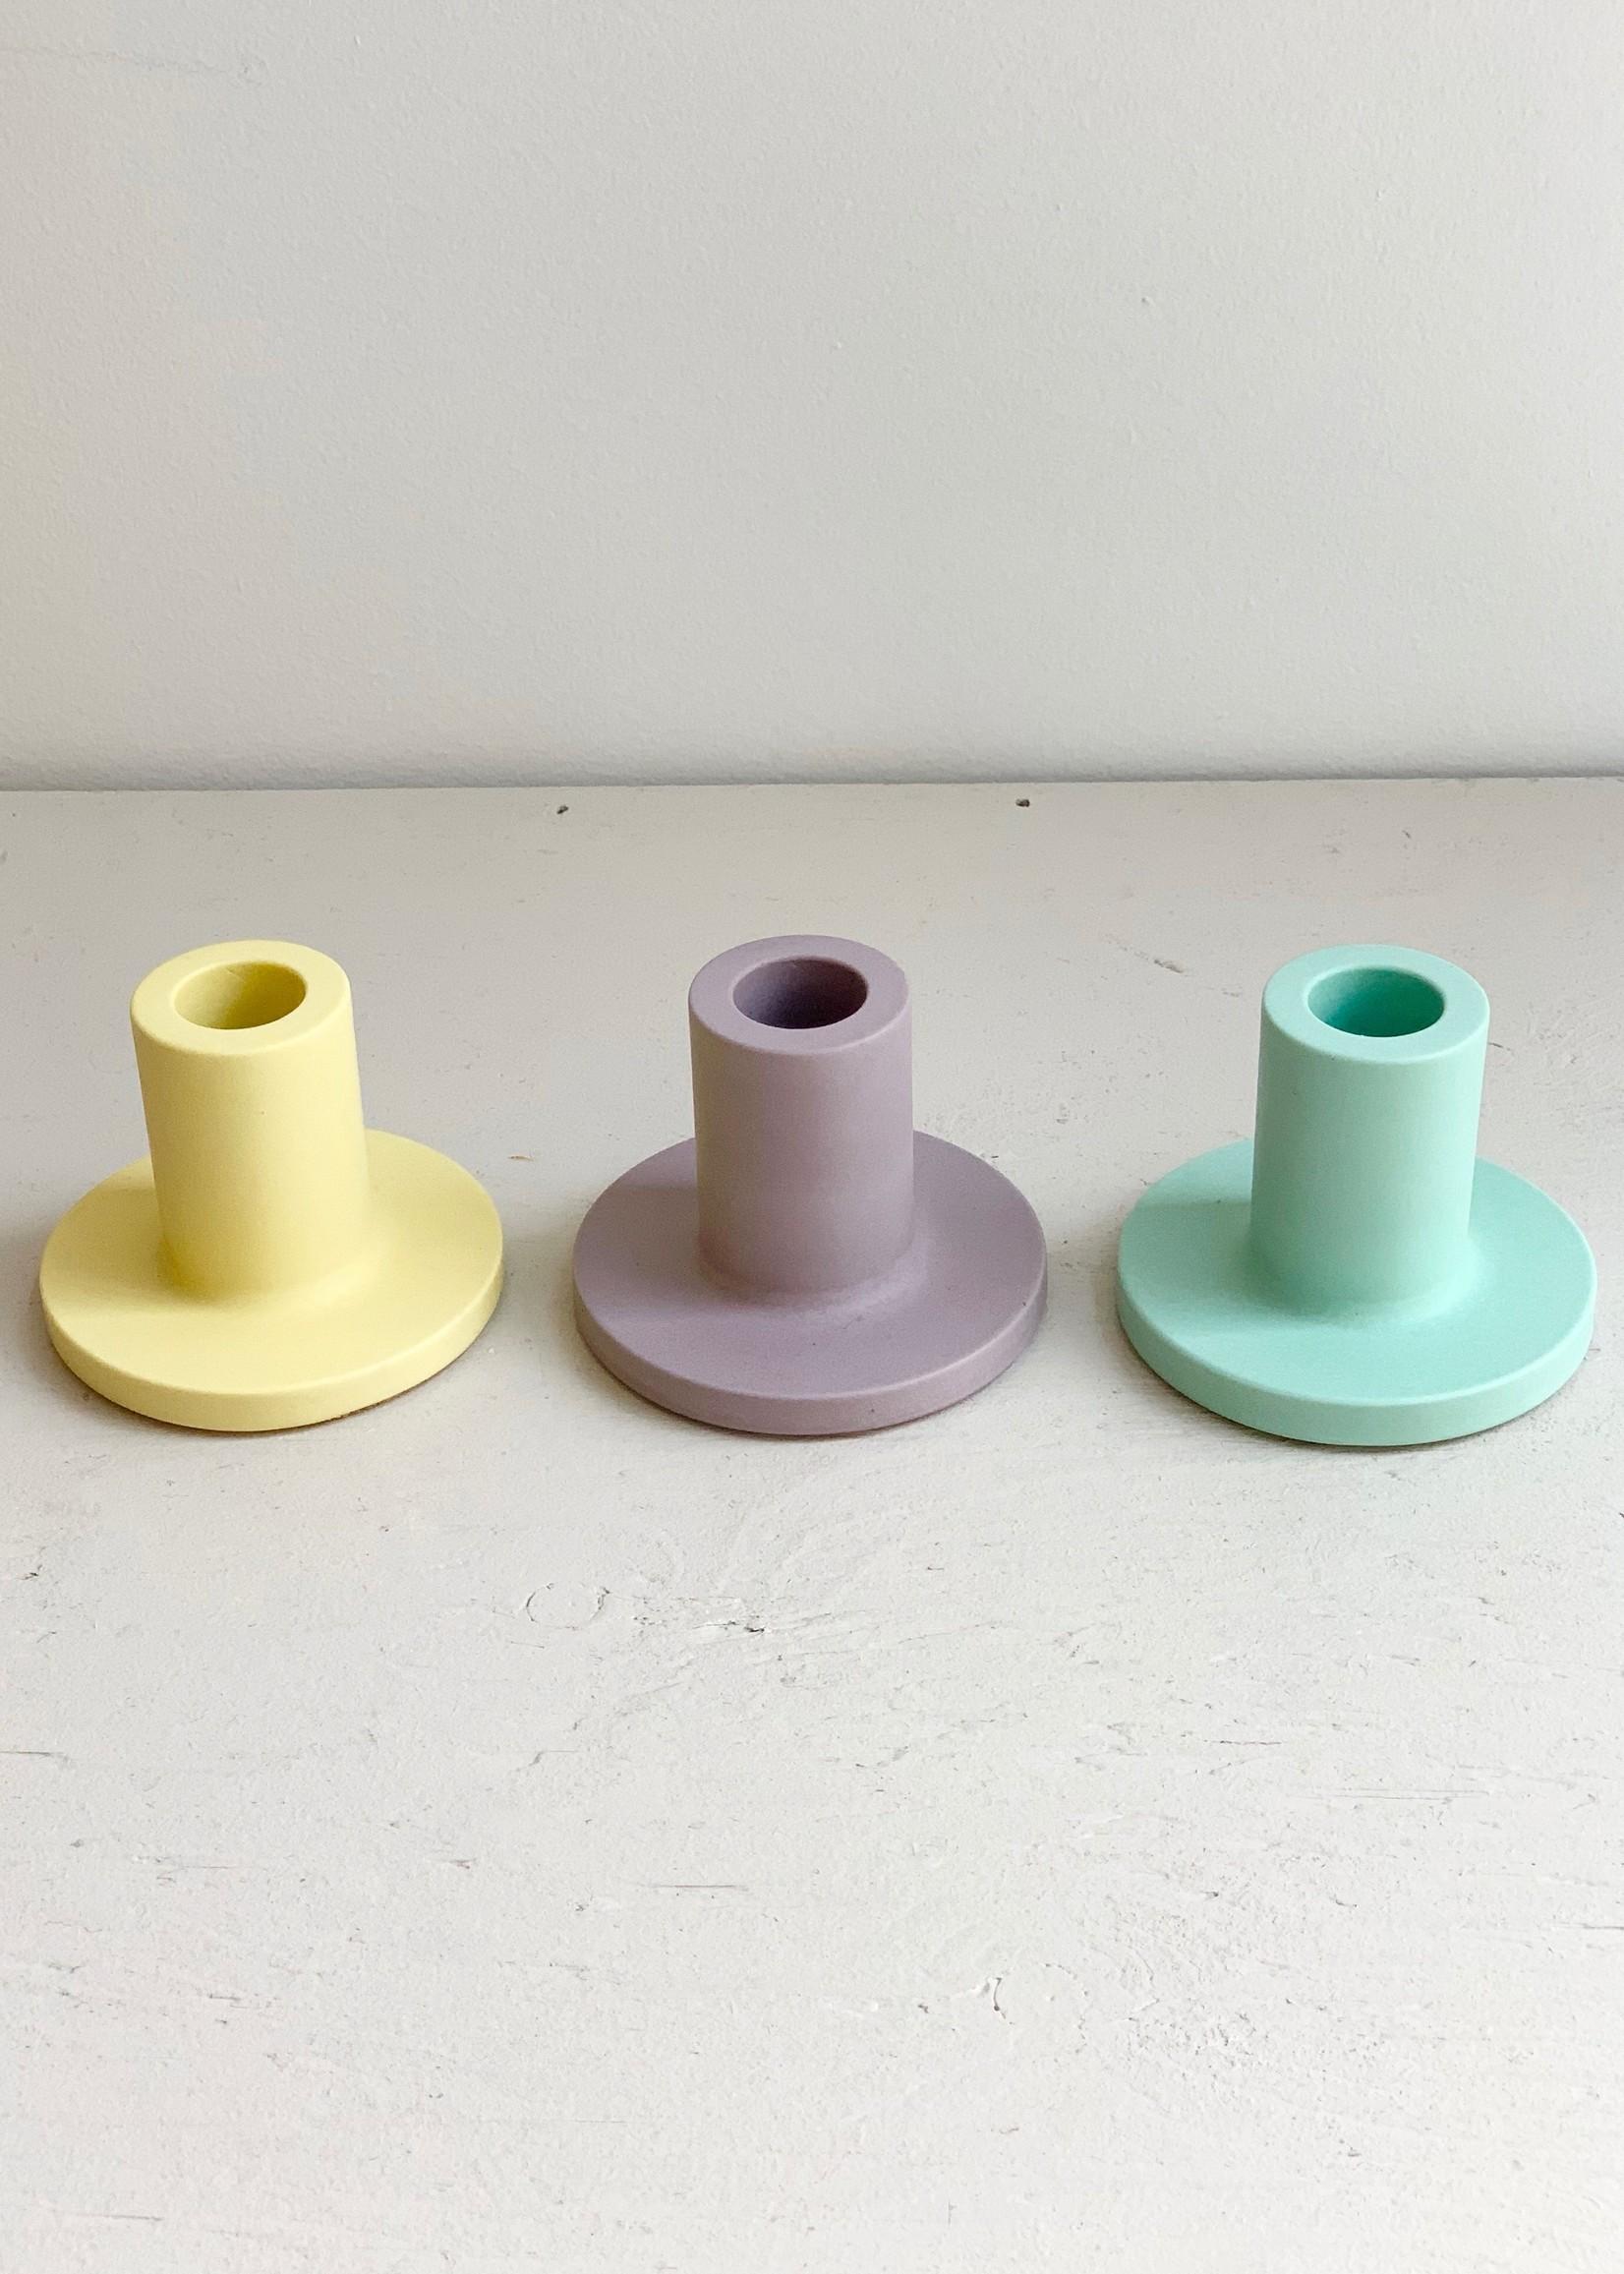 Razzo Studio Pastel Candle Holders by Razzo Studio